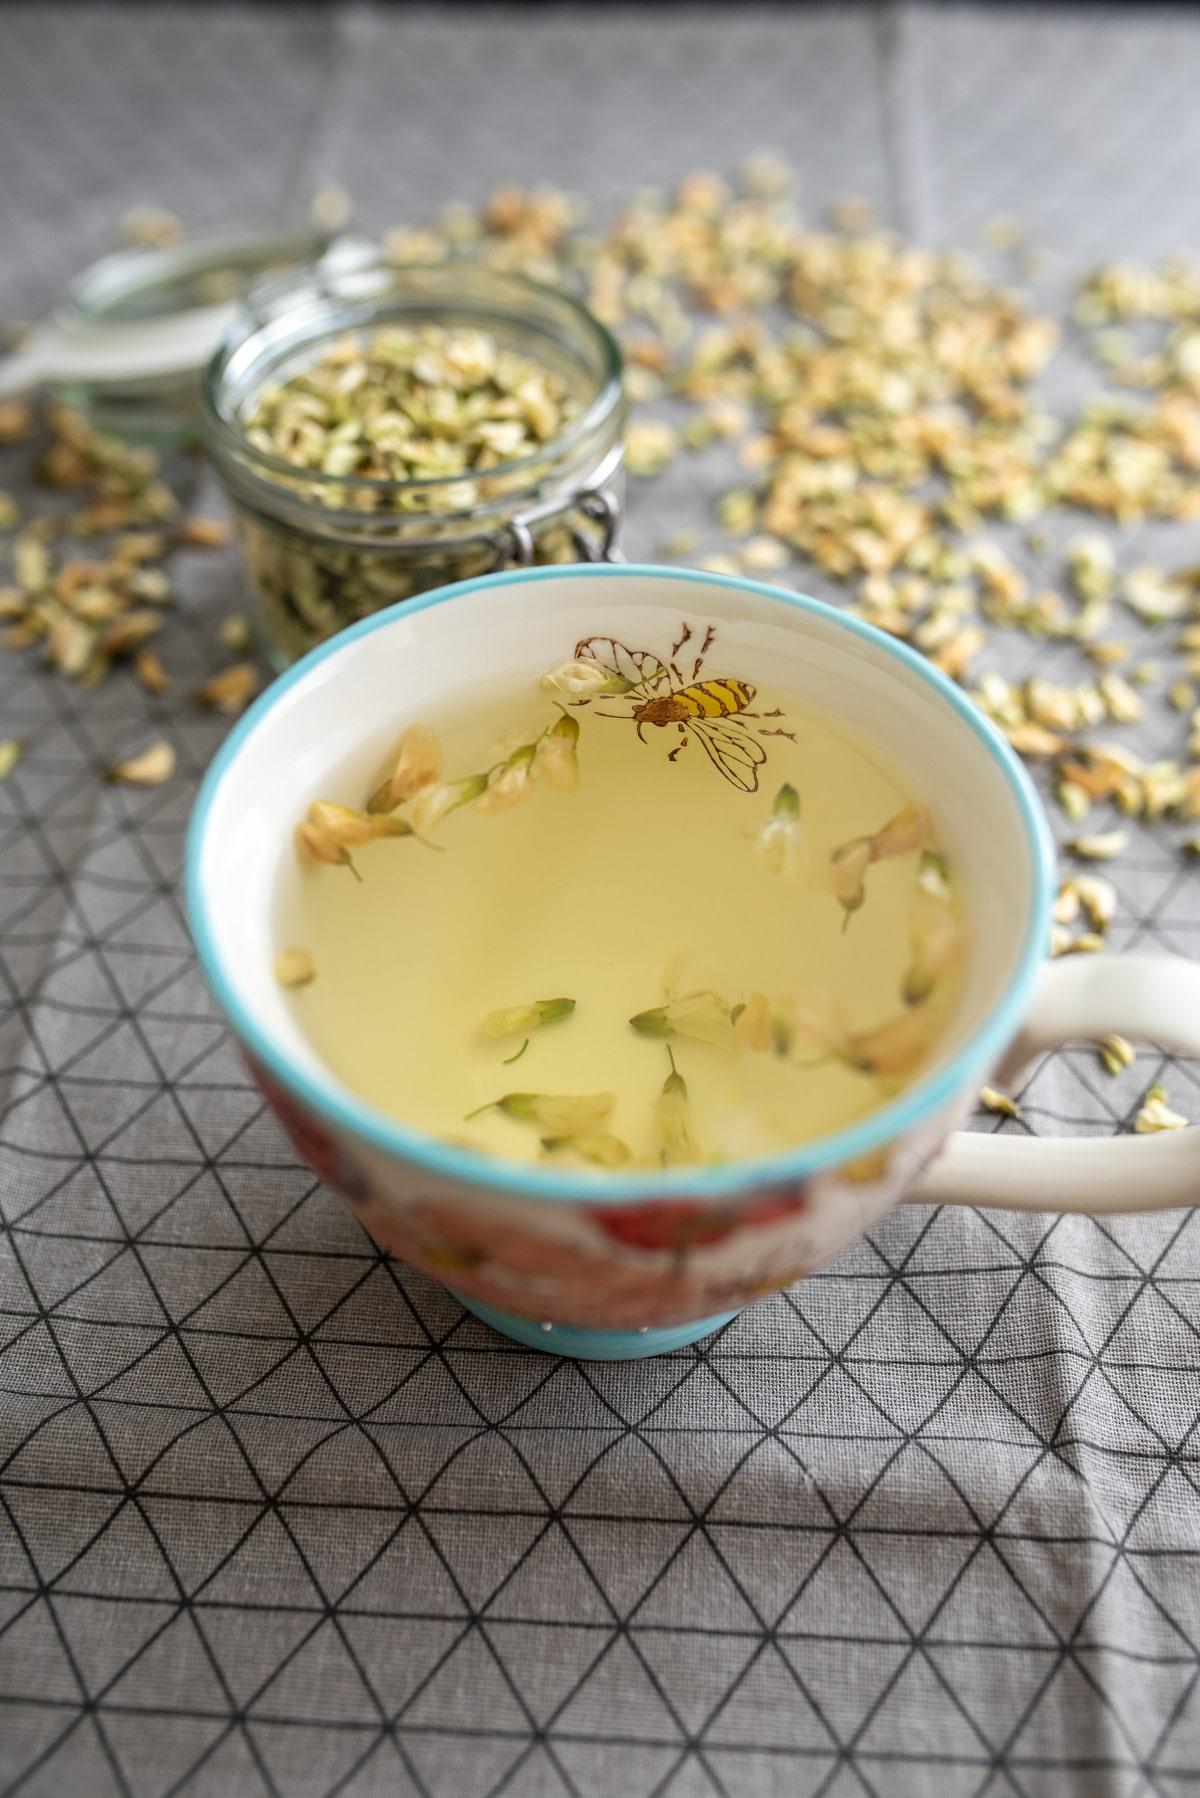 Herbata z akacji w kubku na szarym obrusie w tle słoiczek z suszem